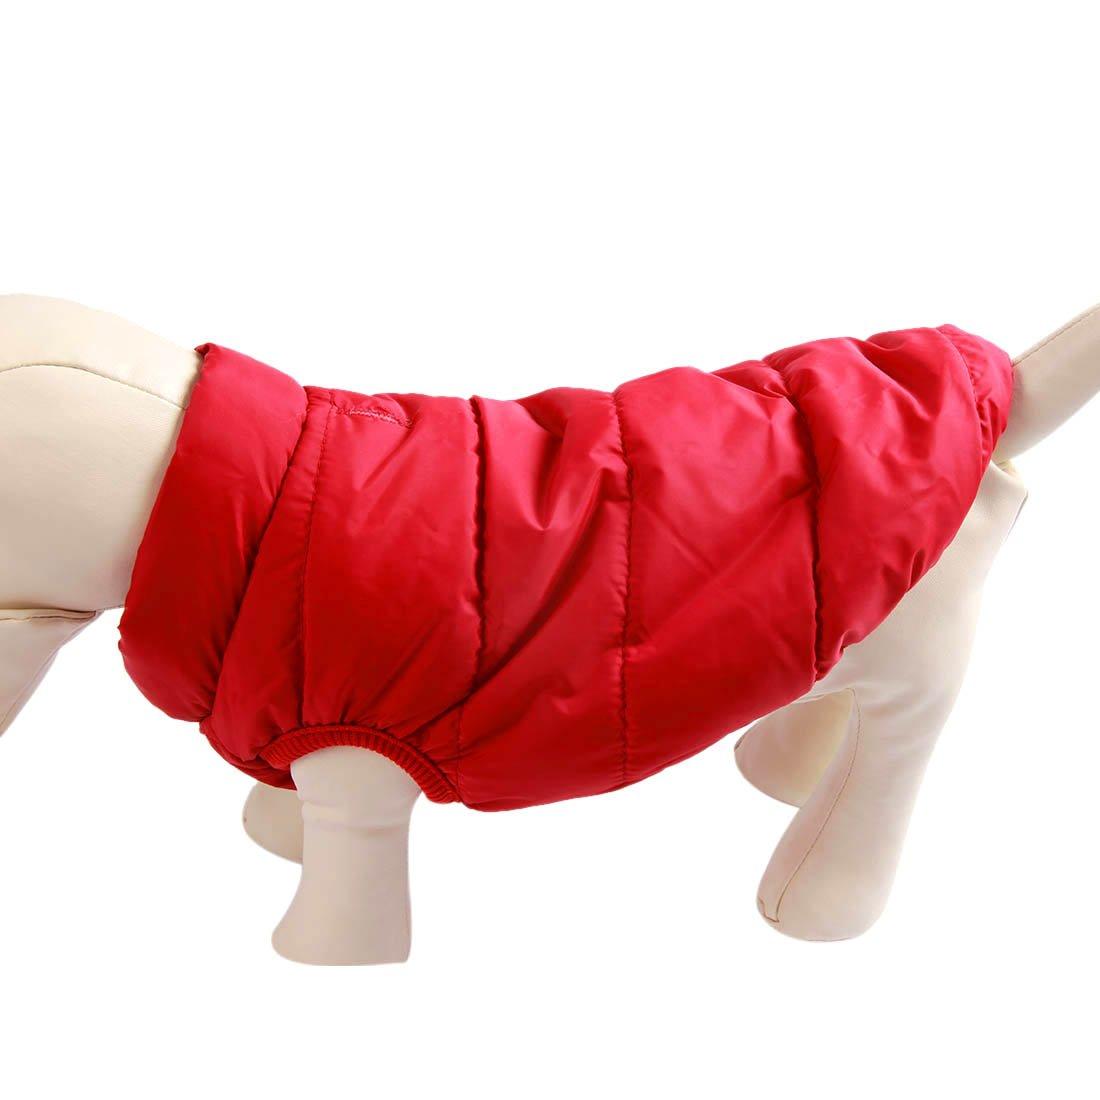 sehr warm f/ür Winter und kaltes Wetter winddichte Hundeweste extraweiche JoyDaog 2-lagige mit Fleece gef/ütterte Hundejacke rot